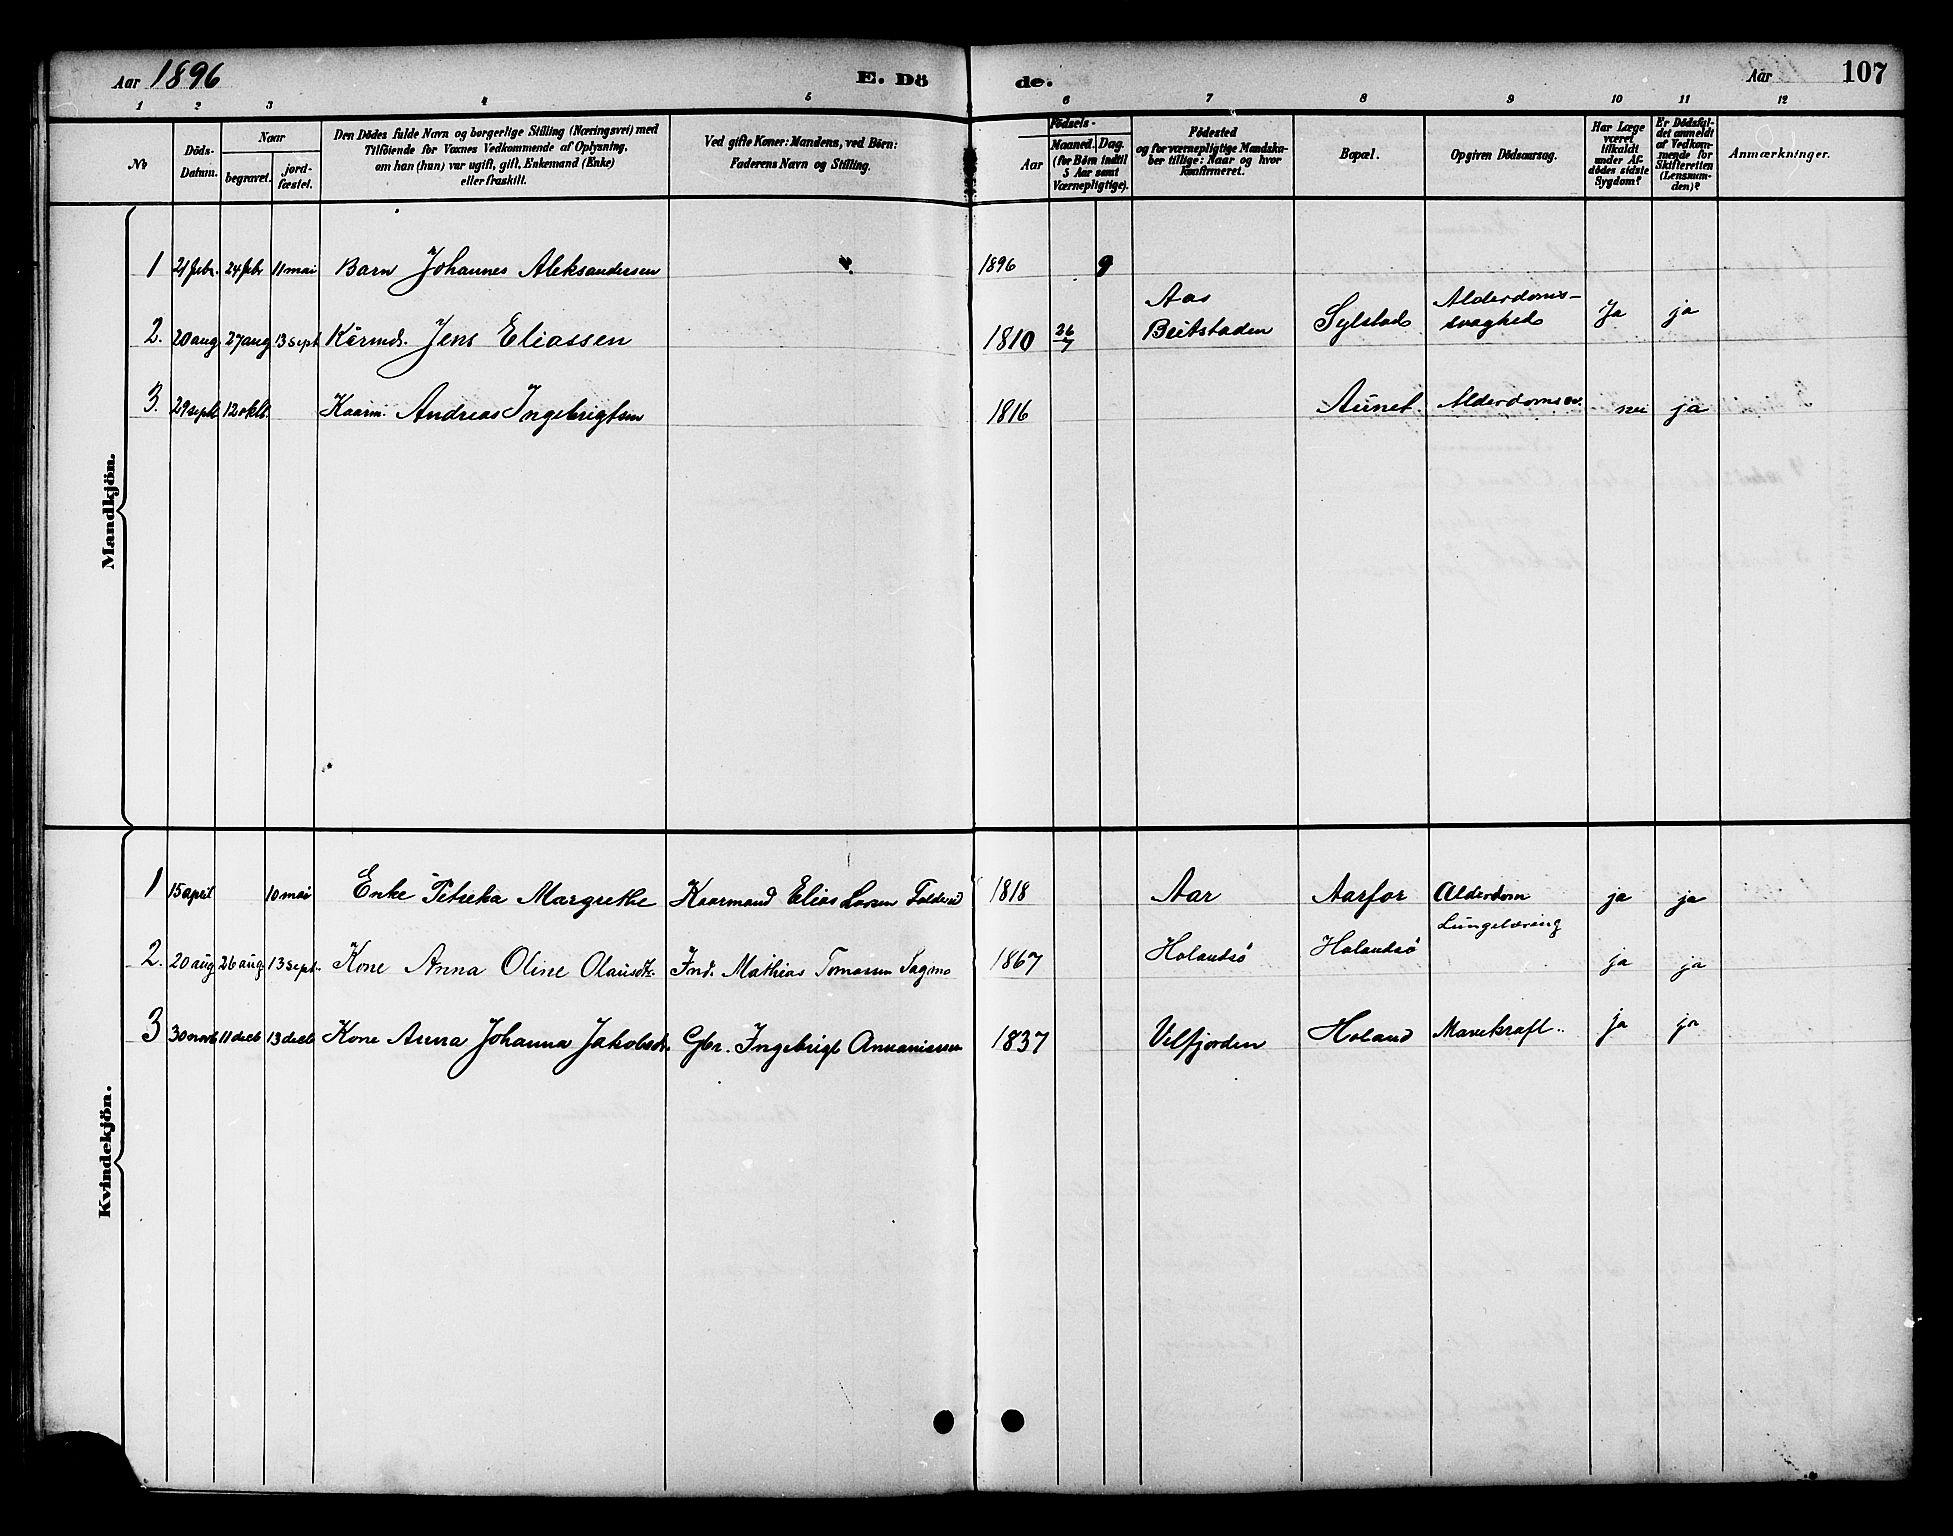 SAT, Ministerialprotokoller, klokkerbøker og fødselsregistre - Nord-Trøndelag, 783/L0662: Klokkerbok nr. 783C02, 1894-1919, s. 107